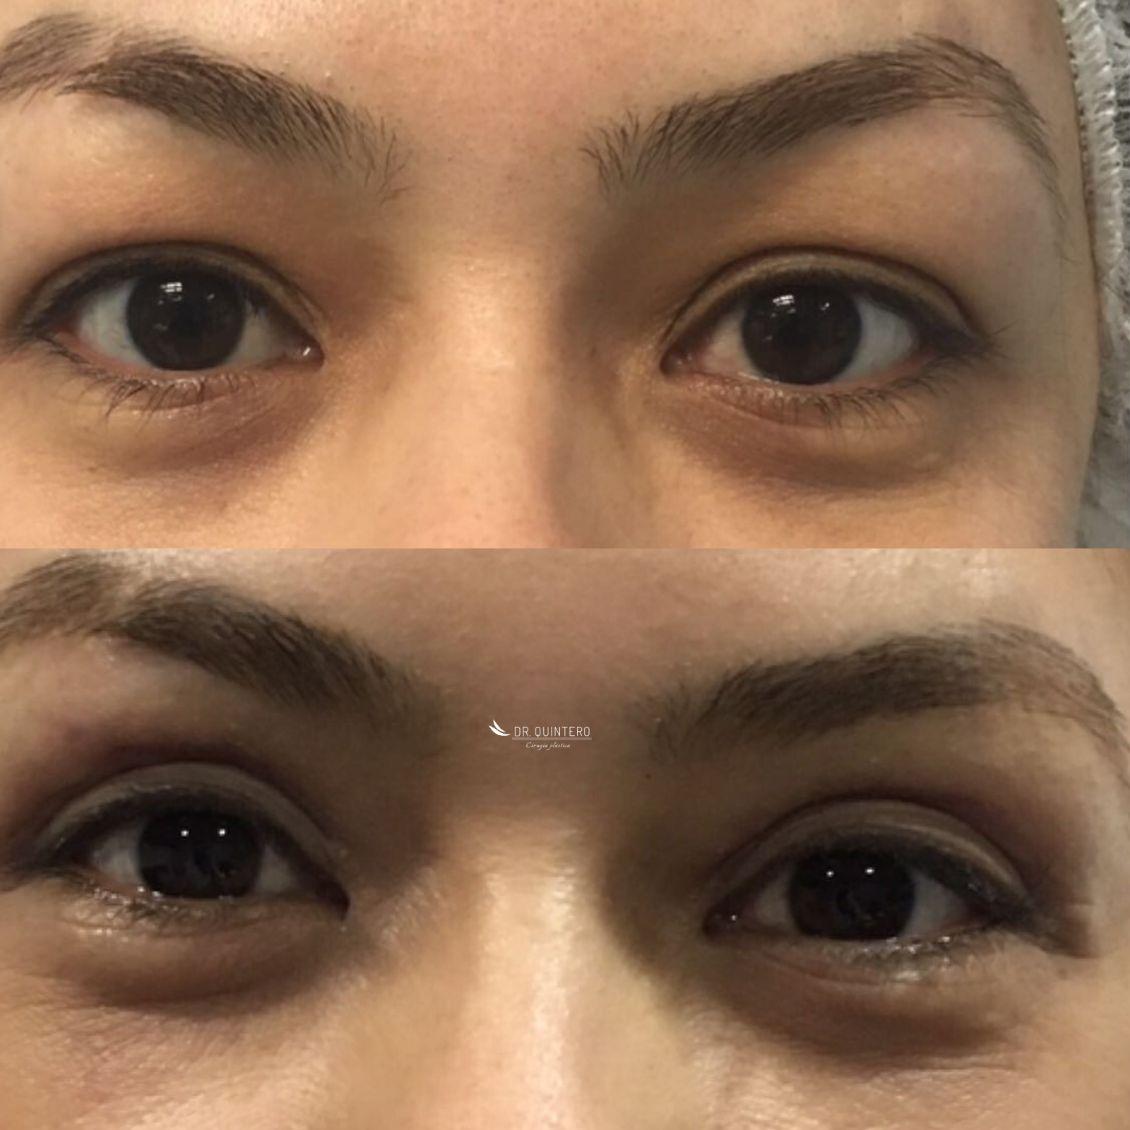 Blefaroplastia antes y despues - caso 3